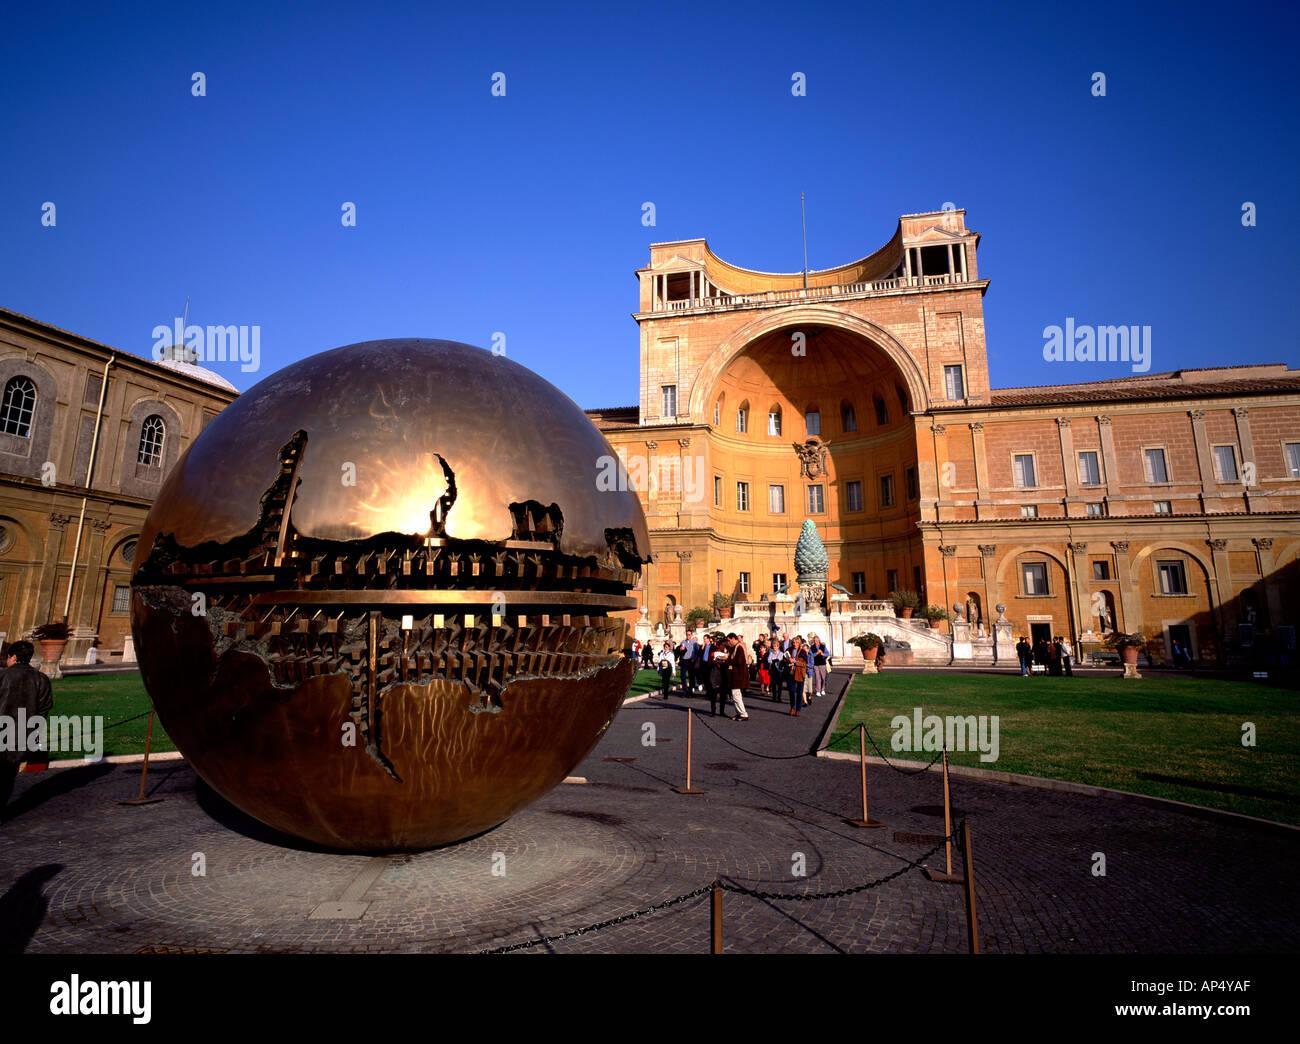 Kugel in Kugel, Arnaldo Pomodoro, Vatikan, Rom, Italien, Skulptur, Kugel Stockbild